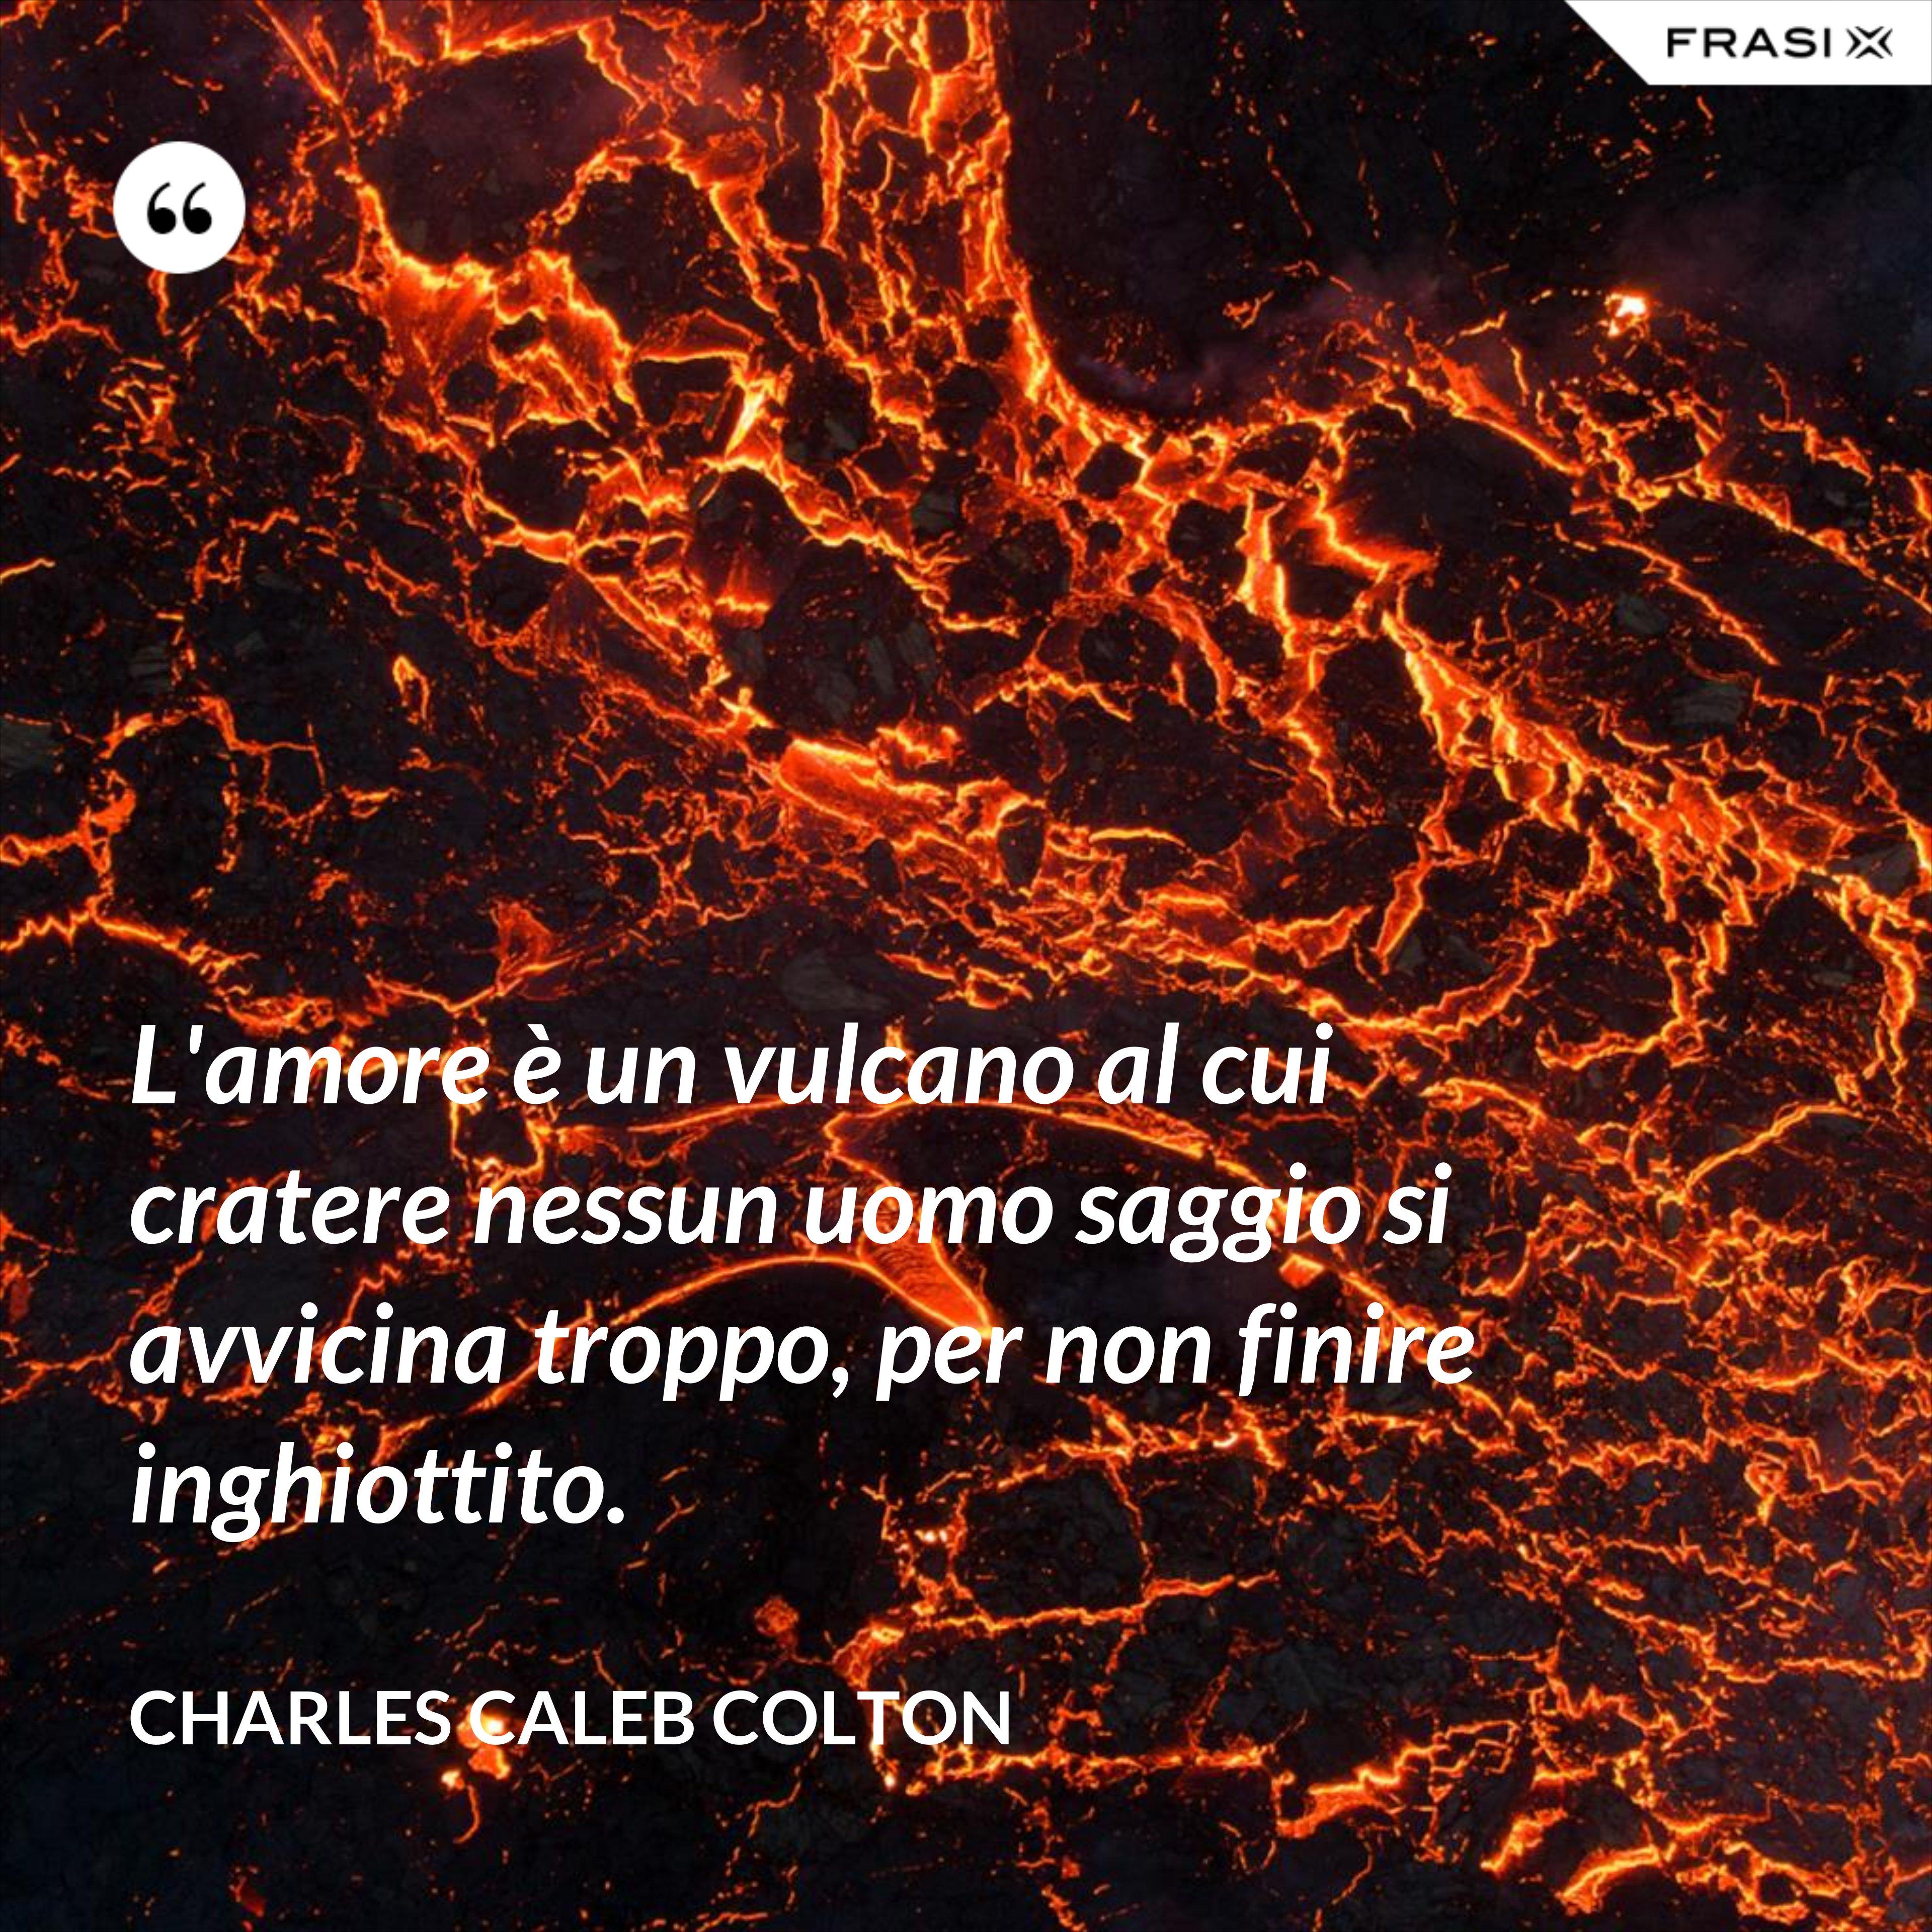 L'amore è un vulcano al cui cratere nessun uomo saggio si avvicina troppo, per non finire inghiottito. - Charles Caleb Colton